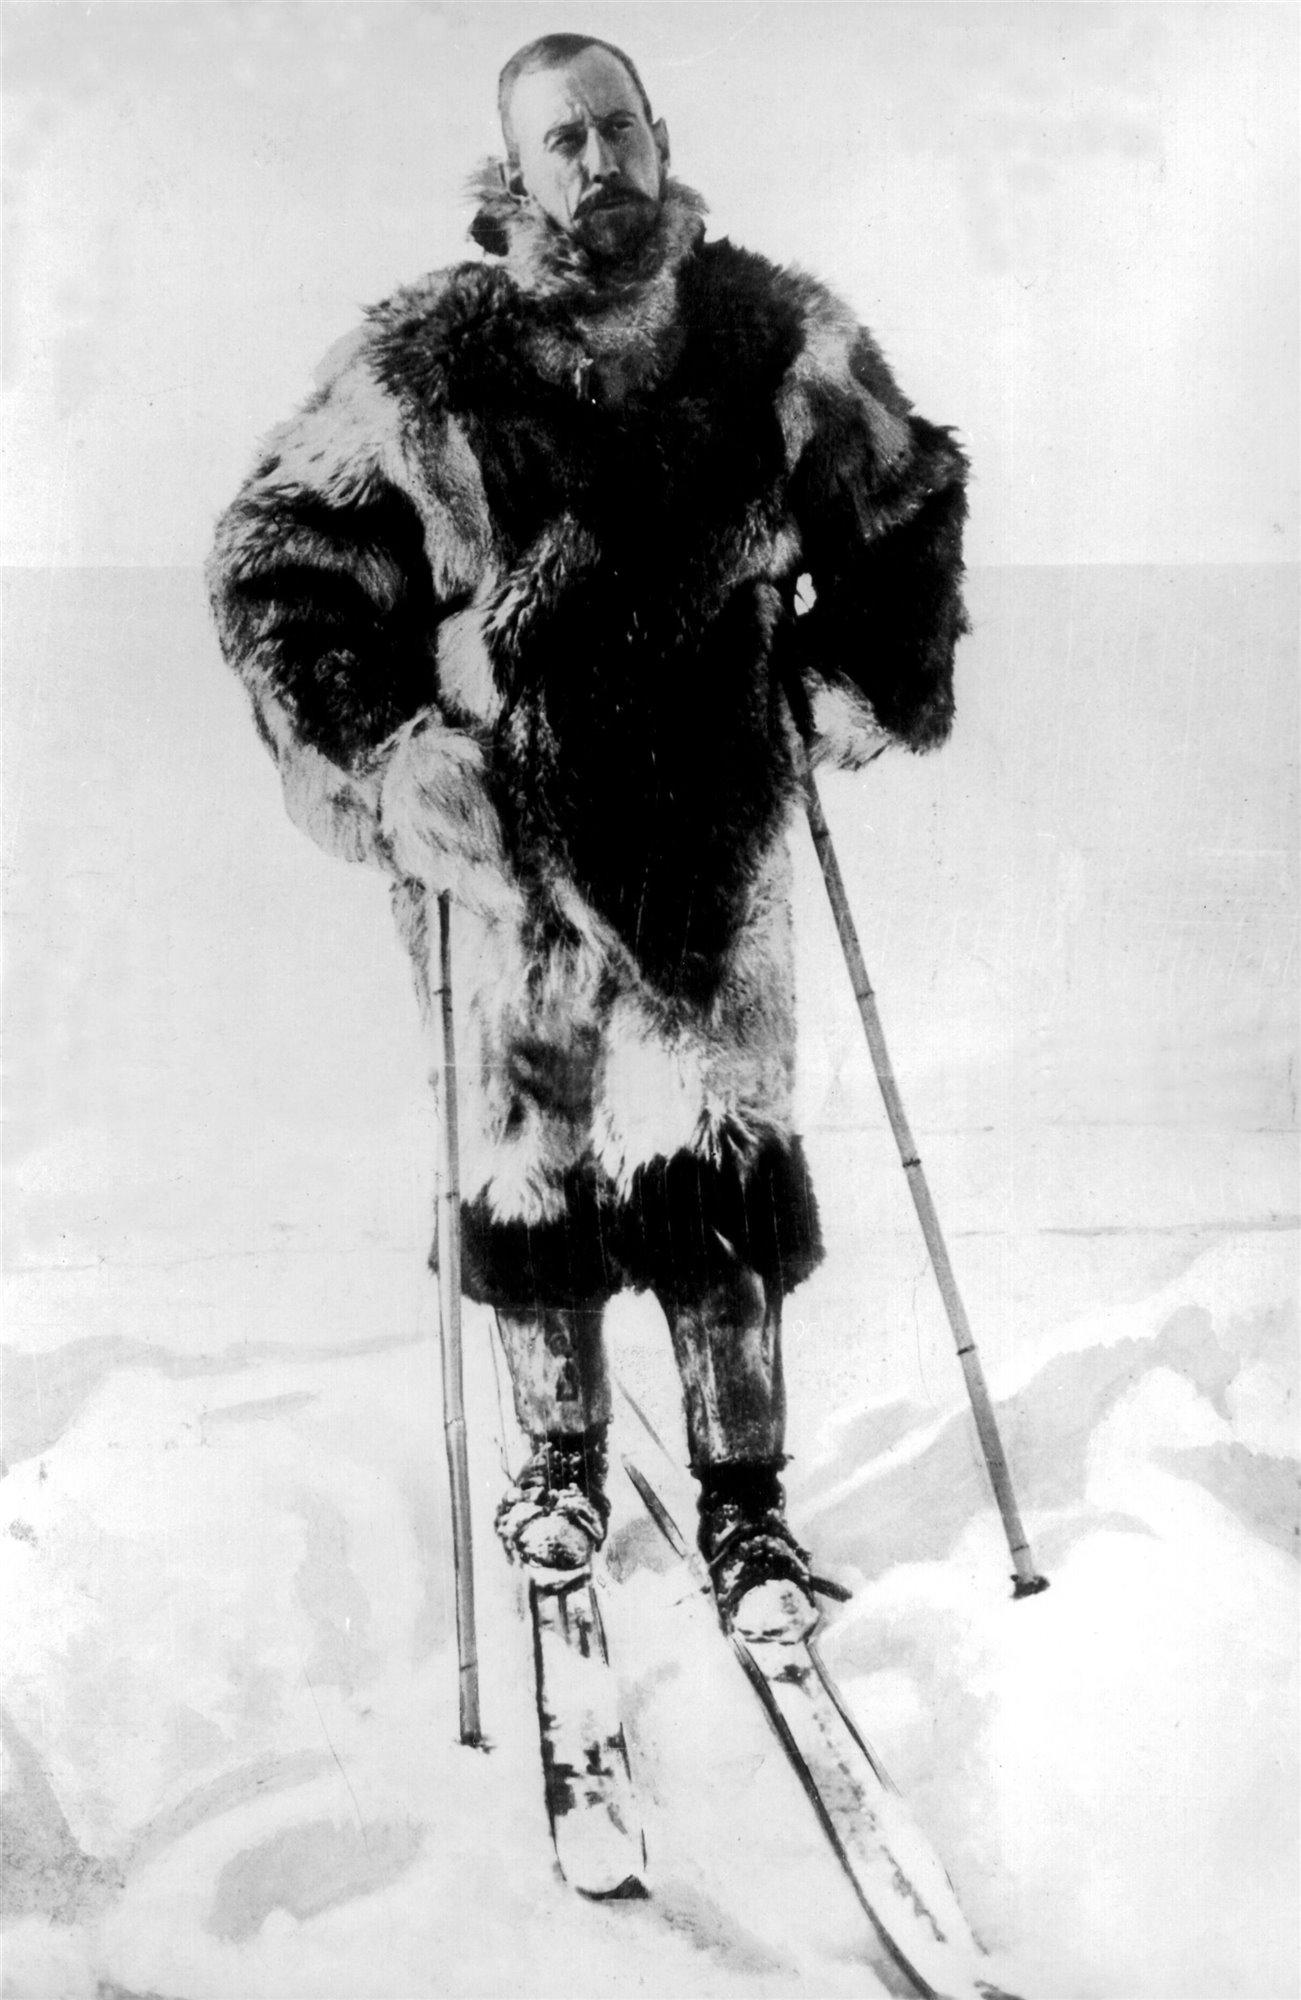 El explorador noruego Roald Amundsen esquiando